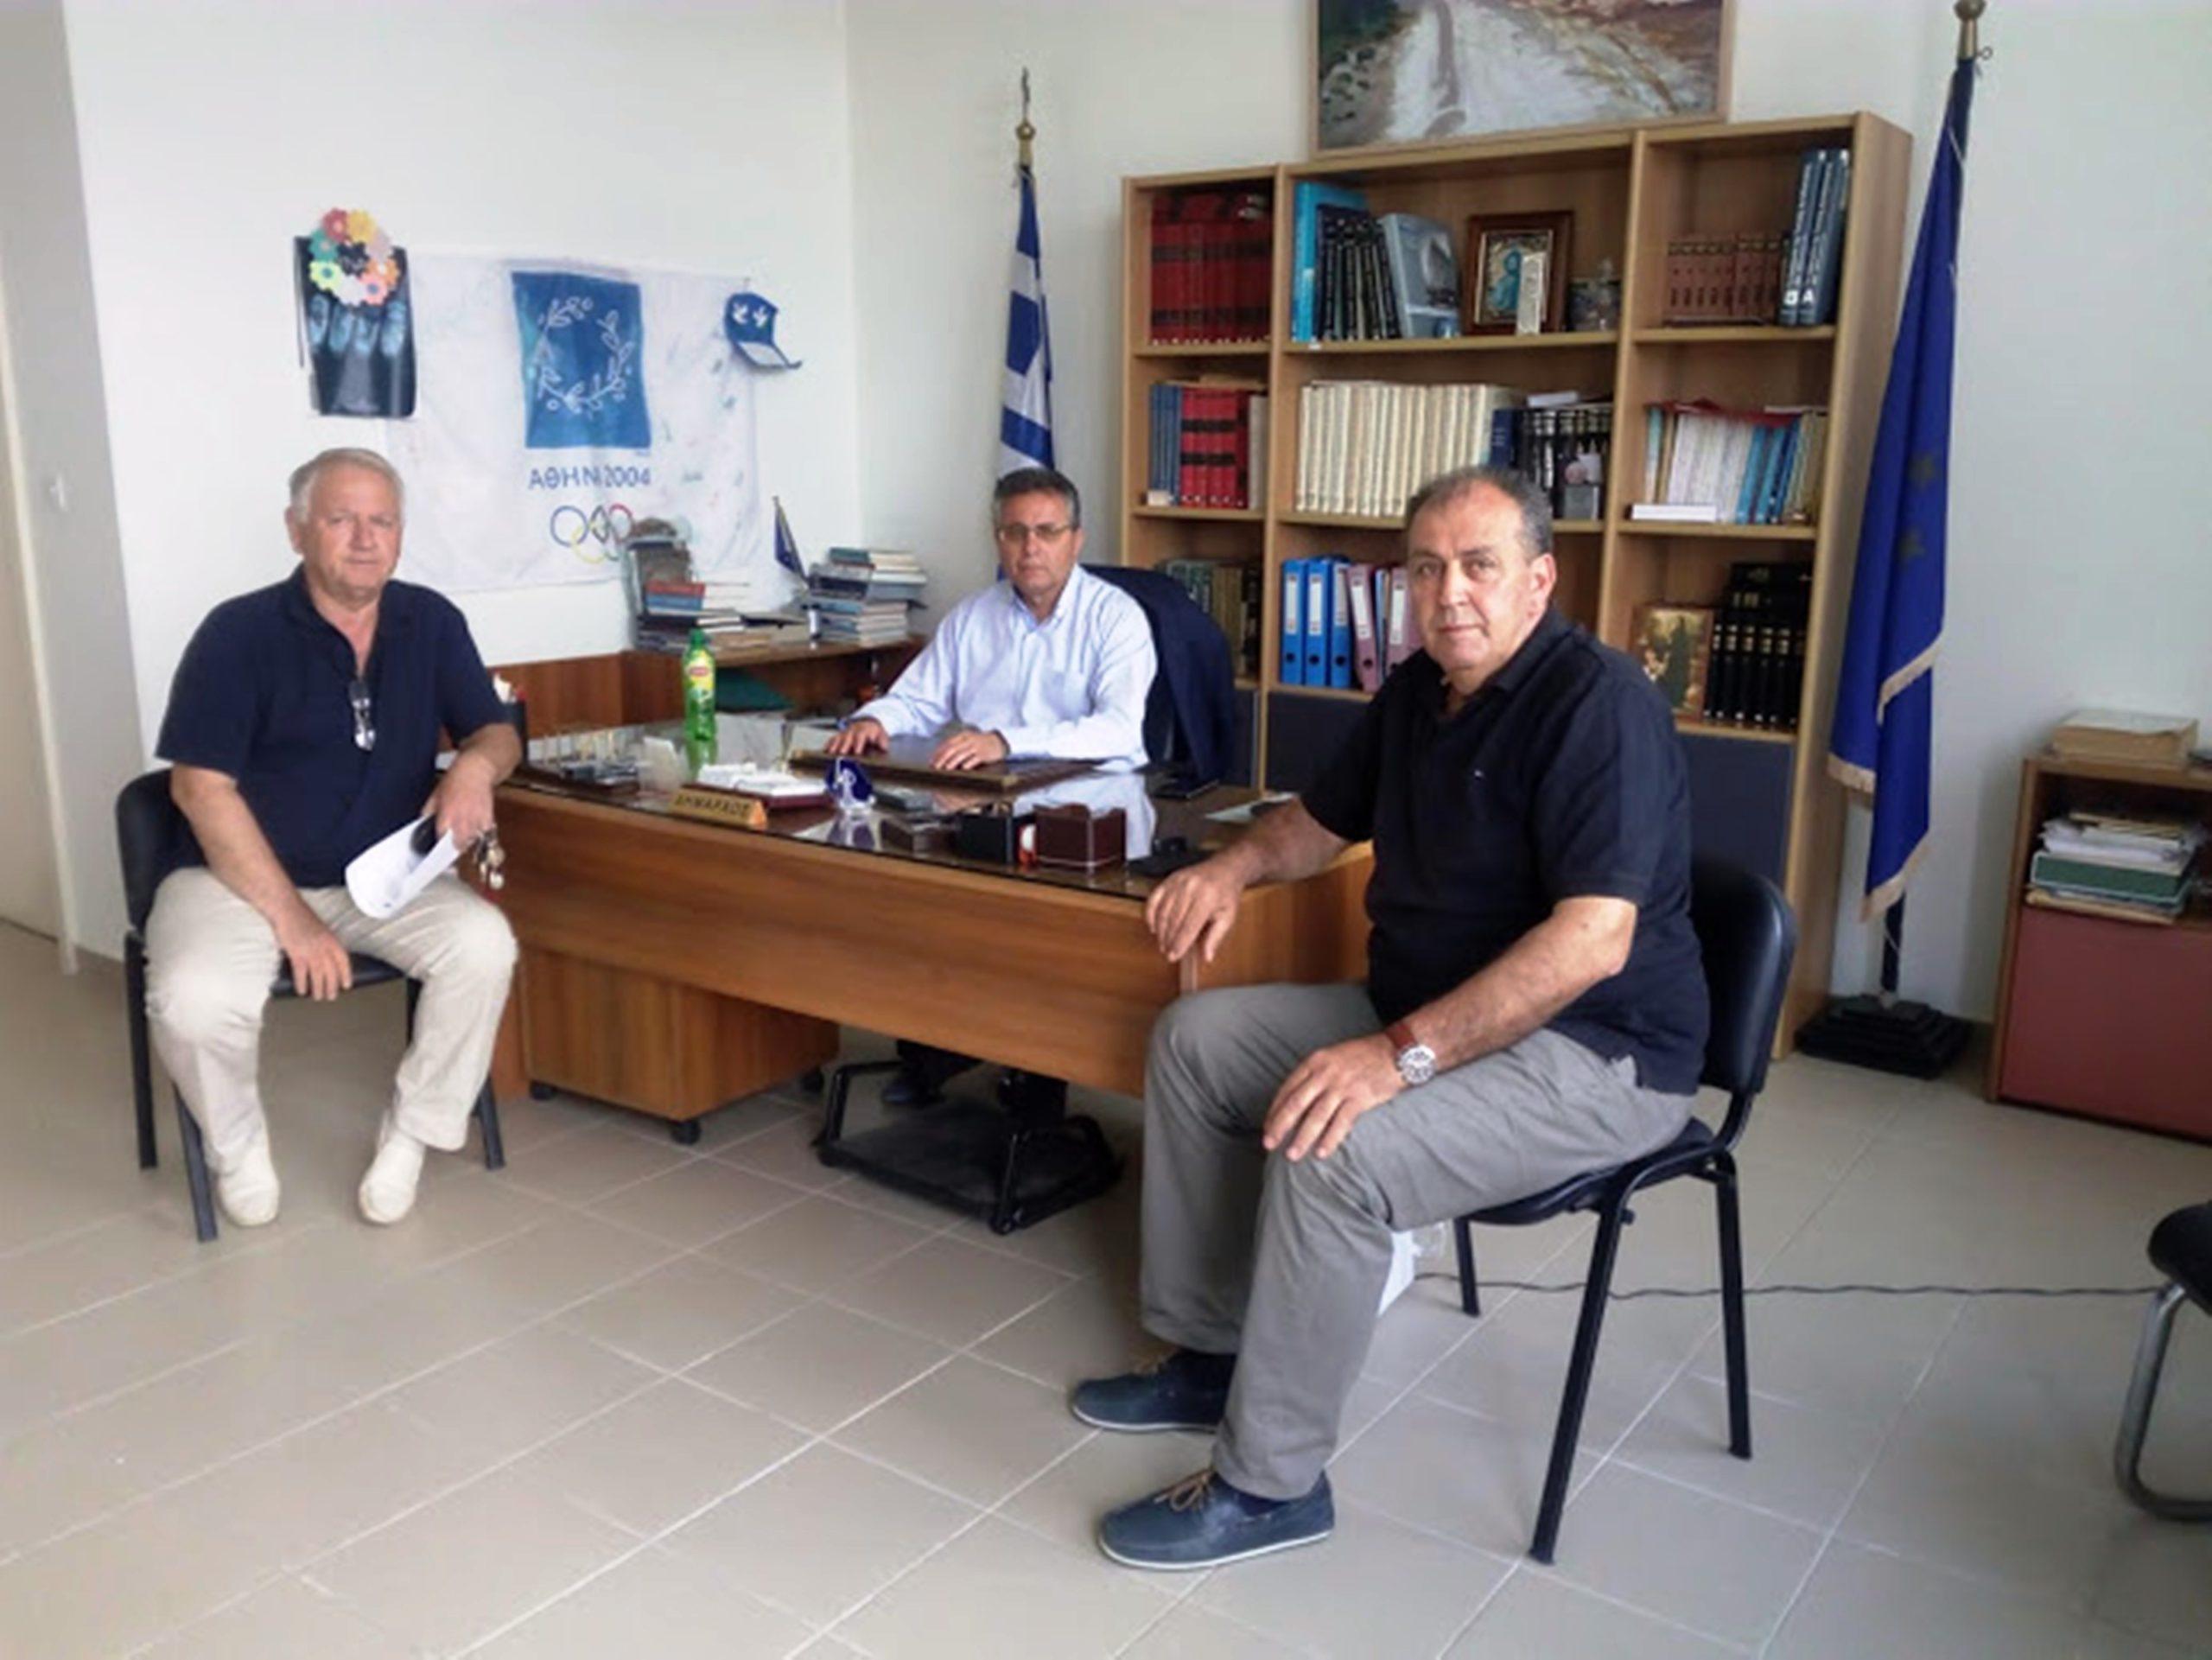 Δήμος Πηνειού: Ημέρα του Δημότη στο Τραγανό- Ο Ανδρέας Μαρίνος κοντά στους δημότες